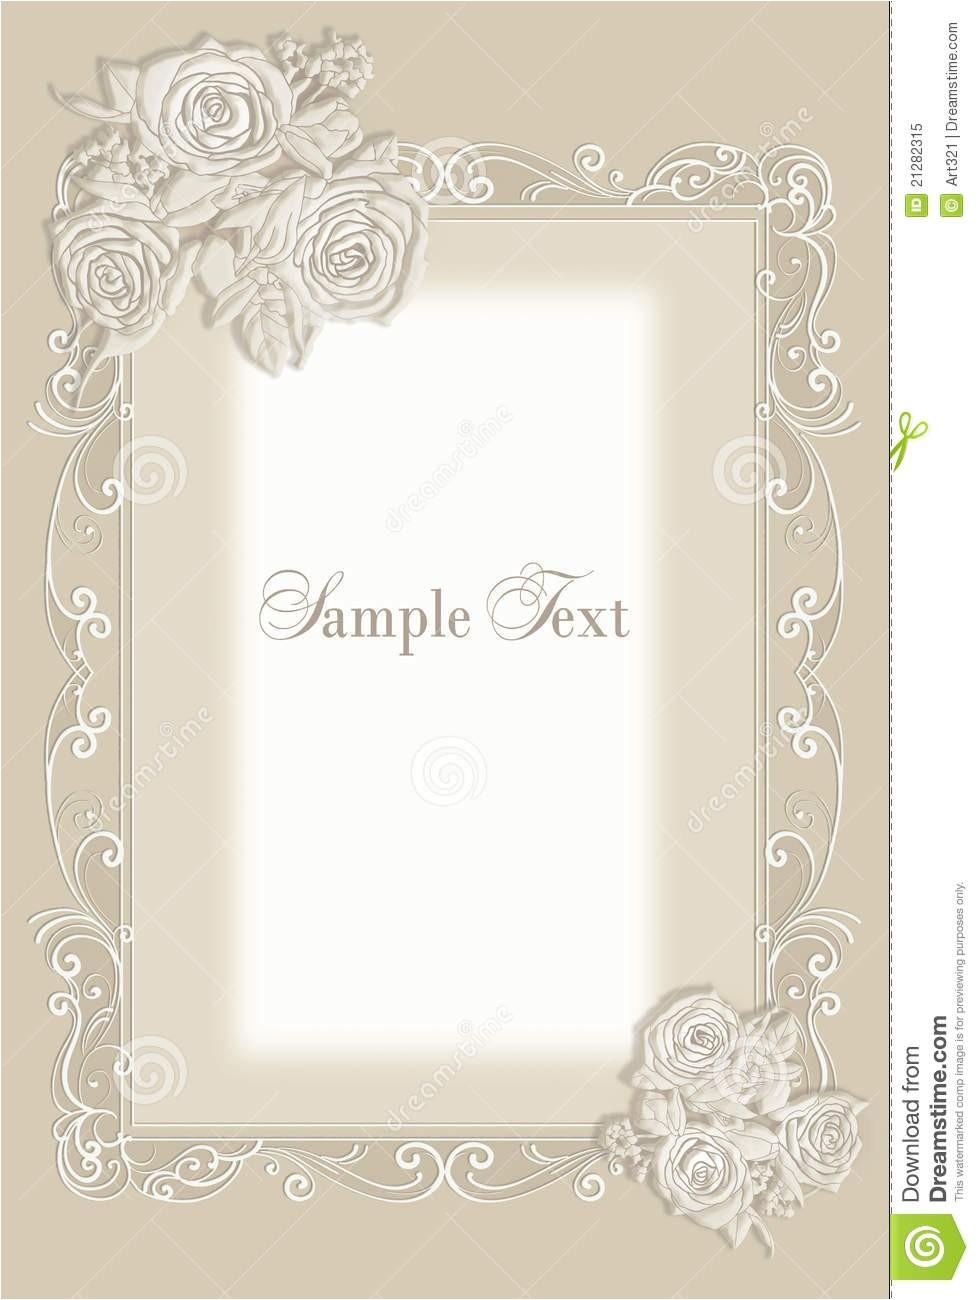 royalty free stock photo wedding invitation frame image21282315